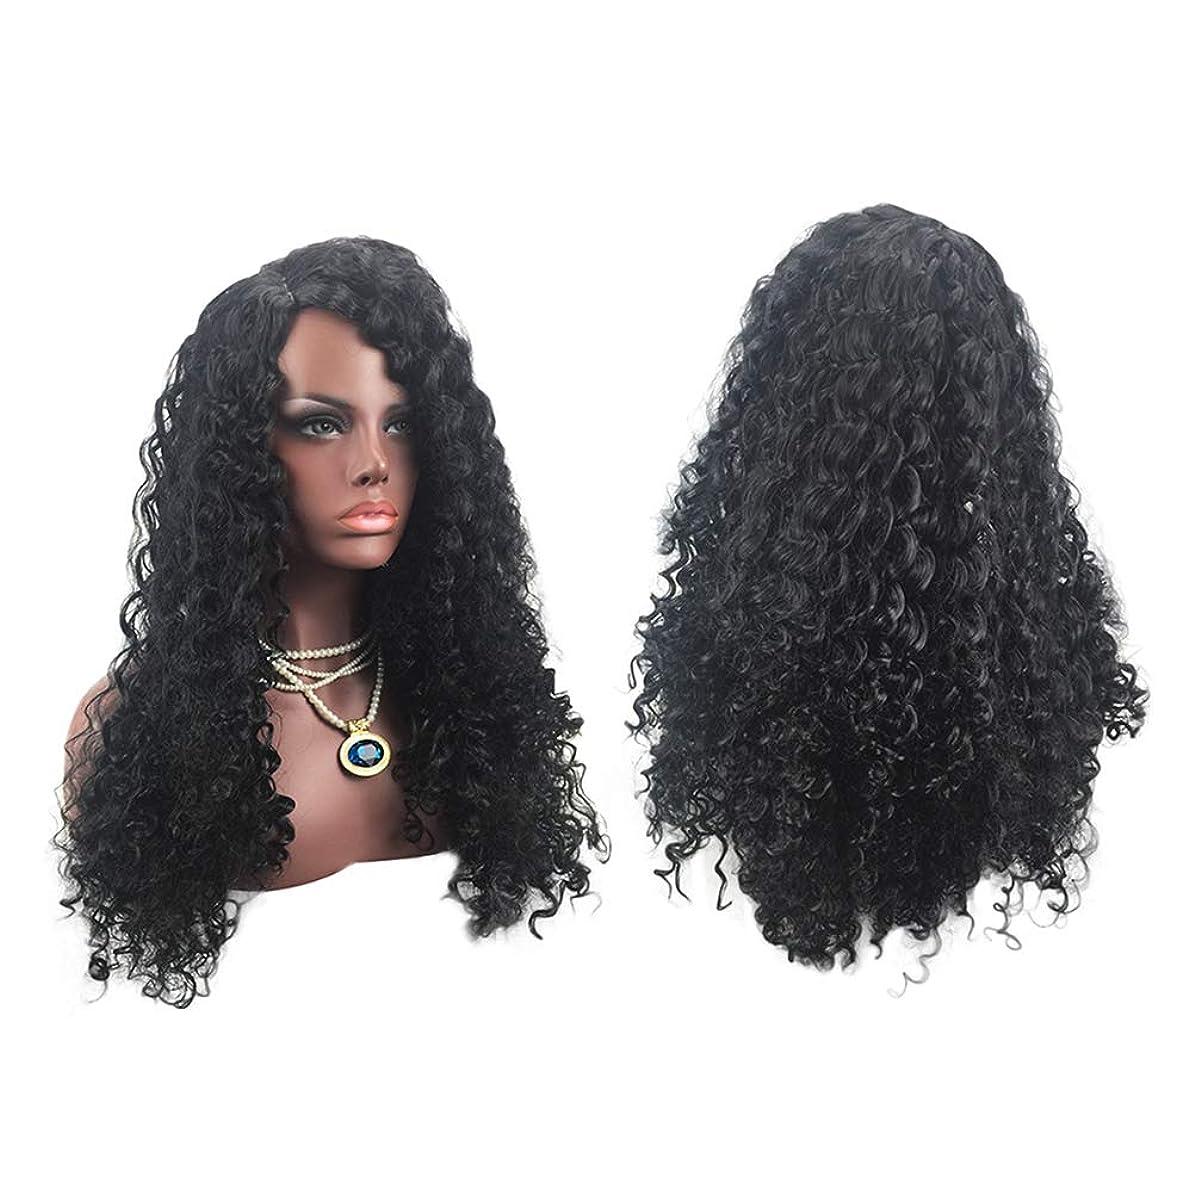 起きる思い出故国女性の黒髪ロングウィッグヨーロッパとアメリカのスタイルナチュラルルッキング絶妙な弾性ネットカーブウィッグカバー